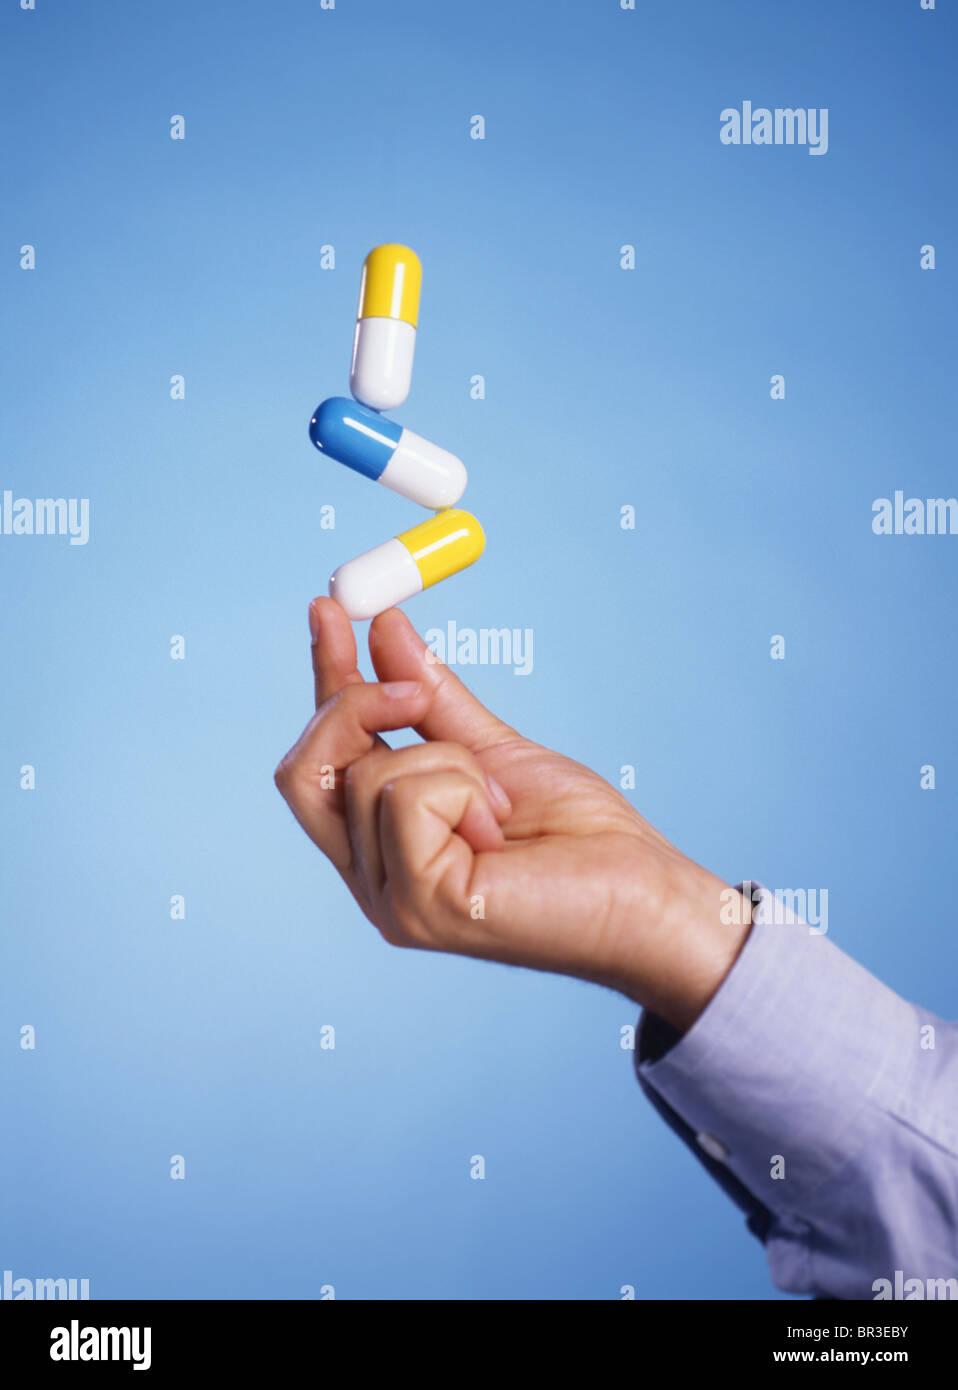 man balances pills - Stock Image